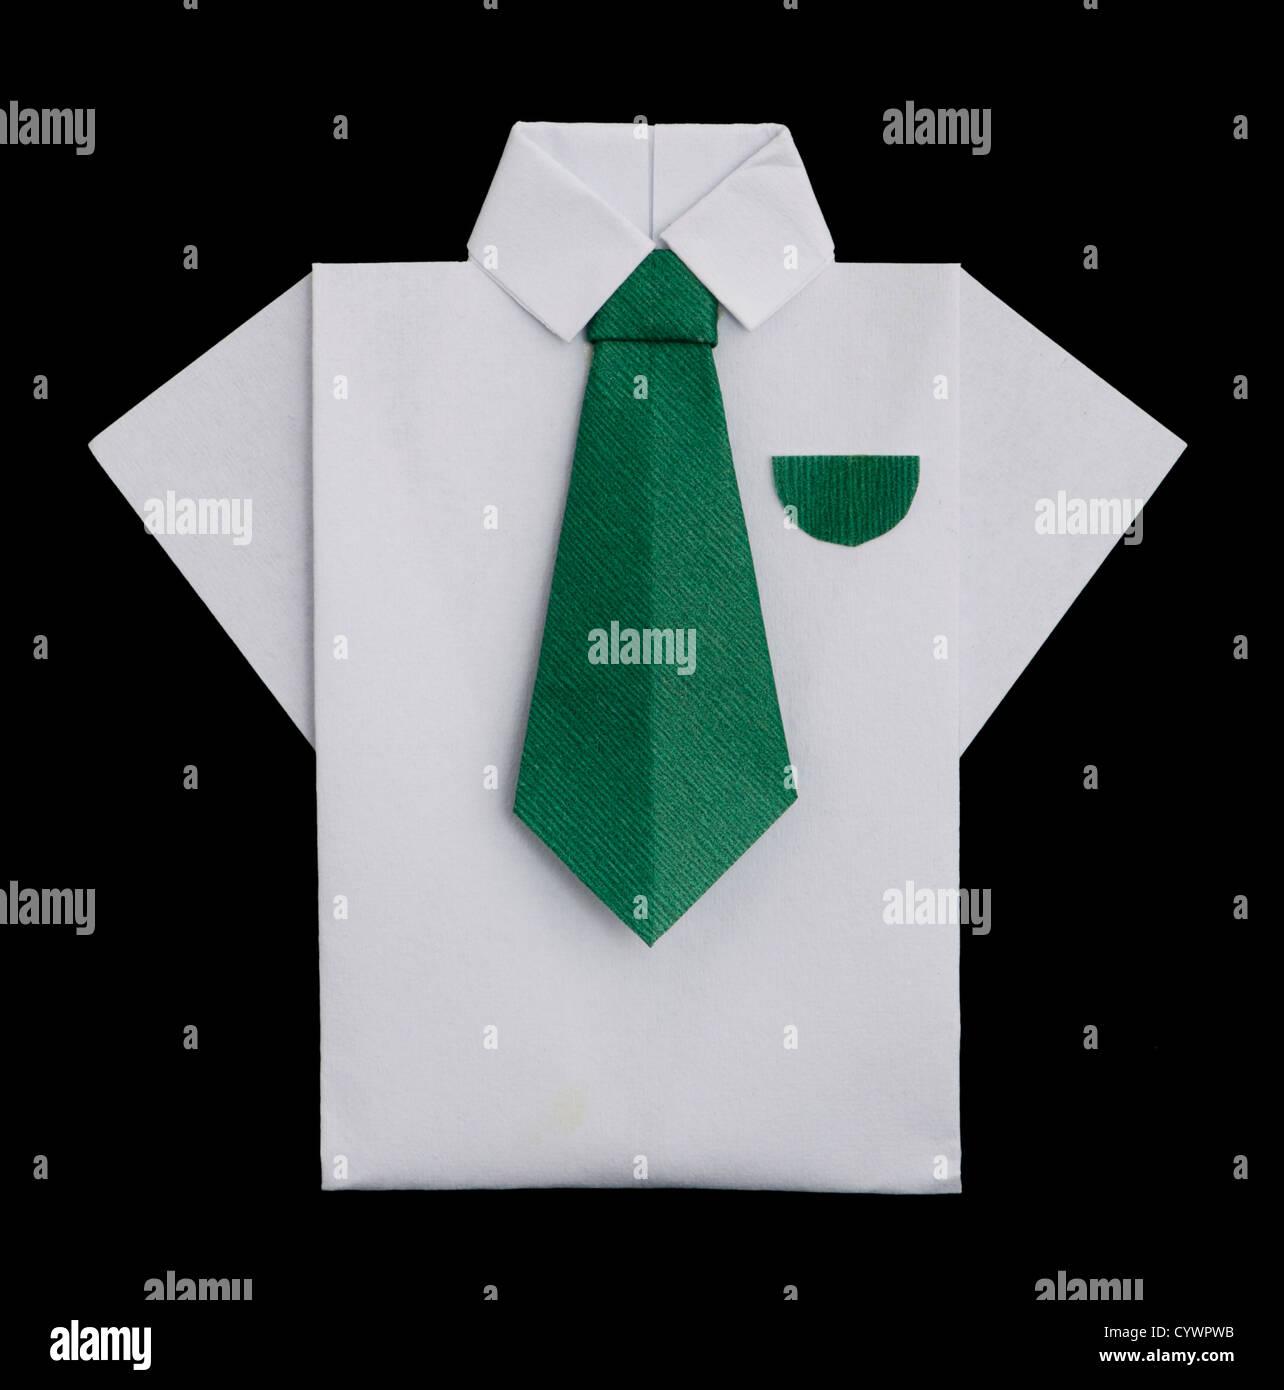 103dded21 Papel hecho aislado de camisa blanca con corbata verde.plegado origami  style Imagen De Stock